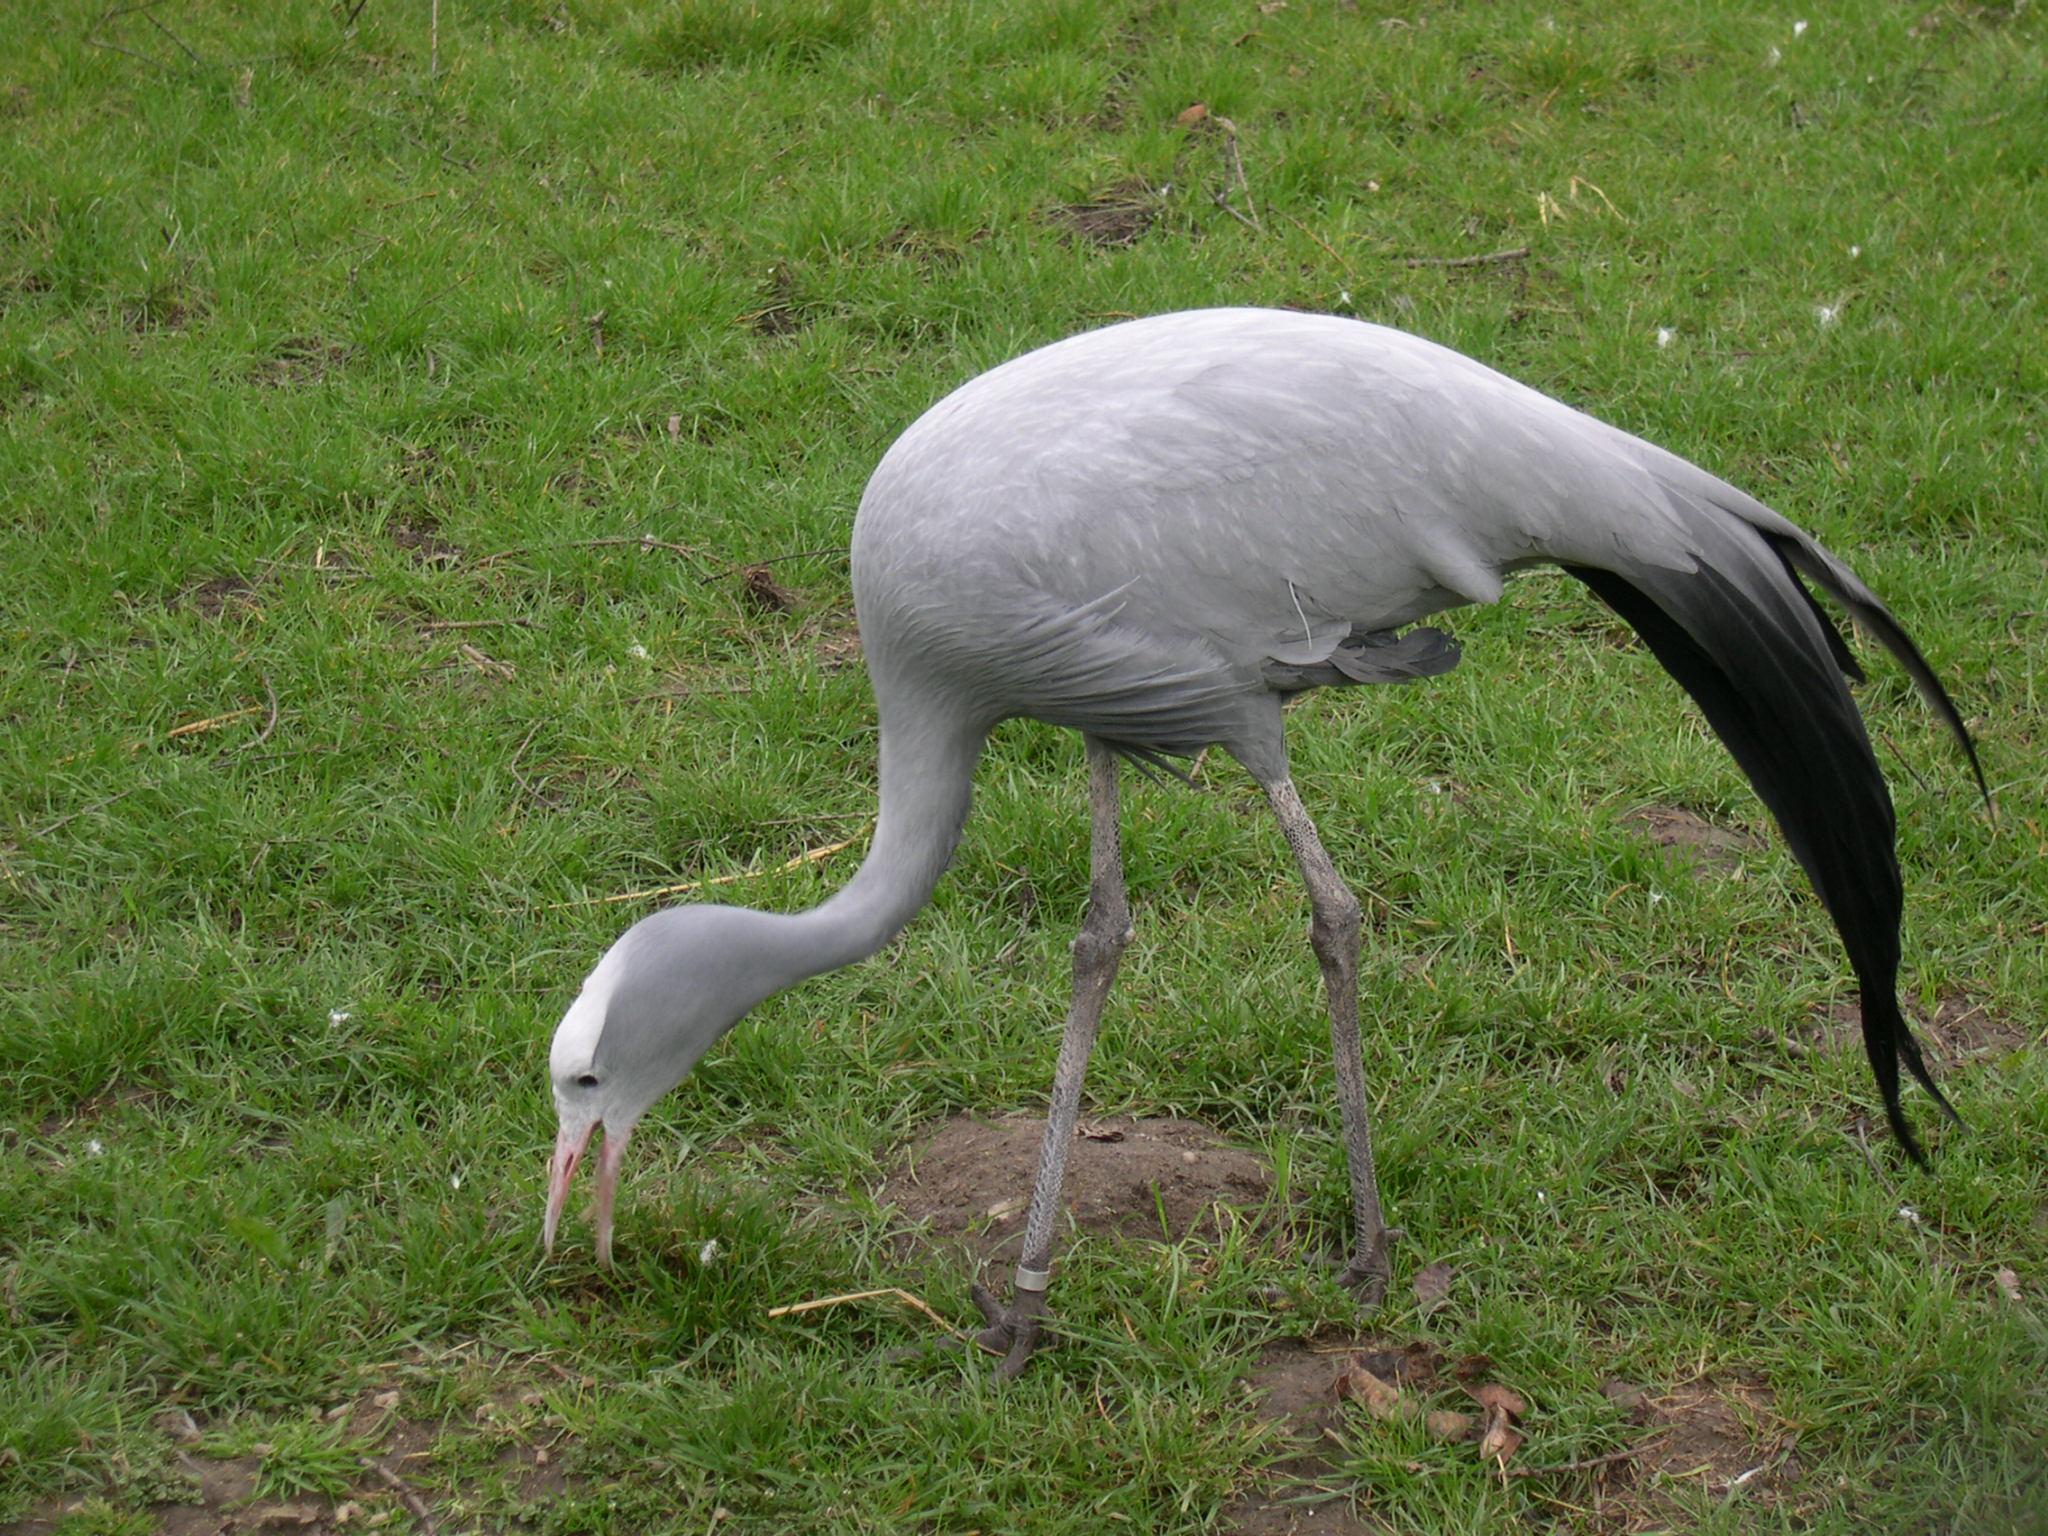 Crane Bird \x3cb\x3ecrane\x3c/b\x3e (\x3cb\x3ebird\x3c/b\x3e ...